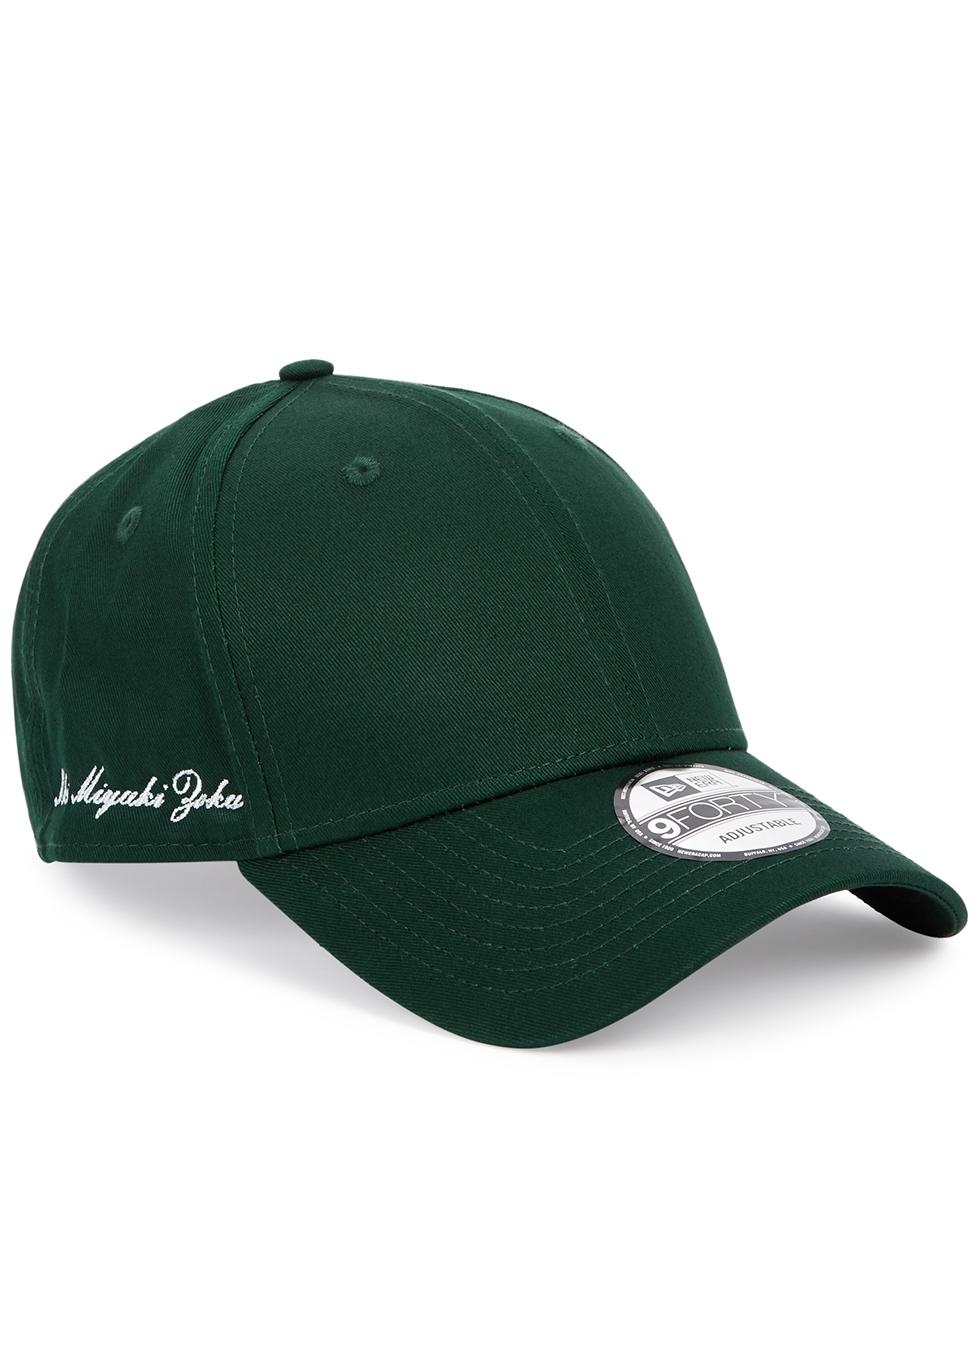 X New Era 9FORTY black twill cap